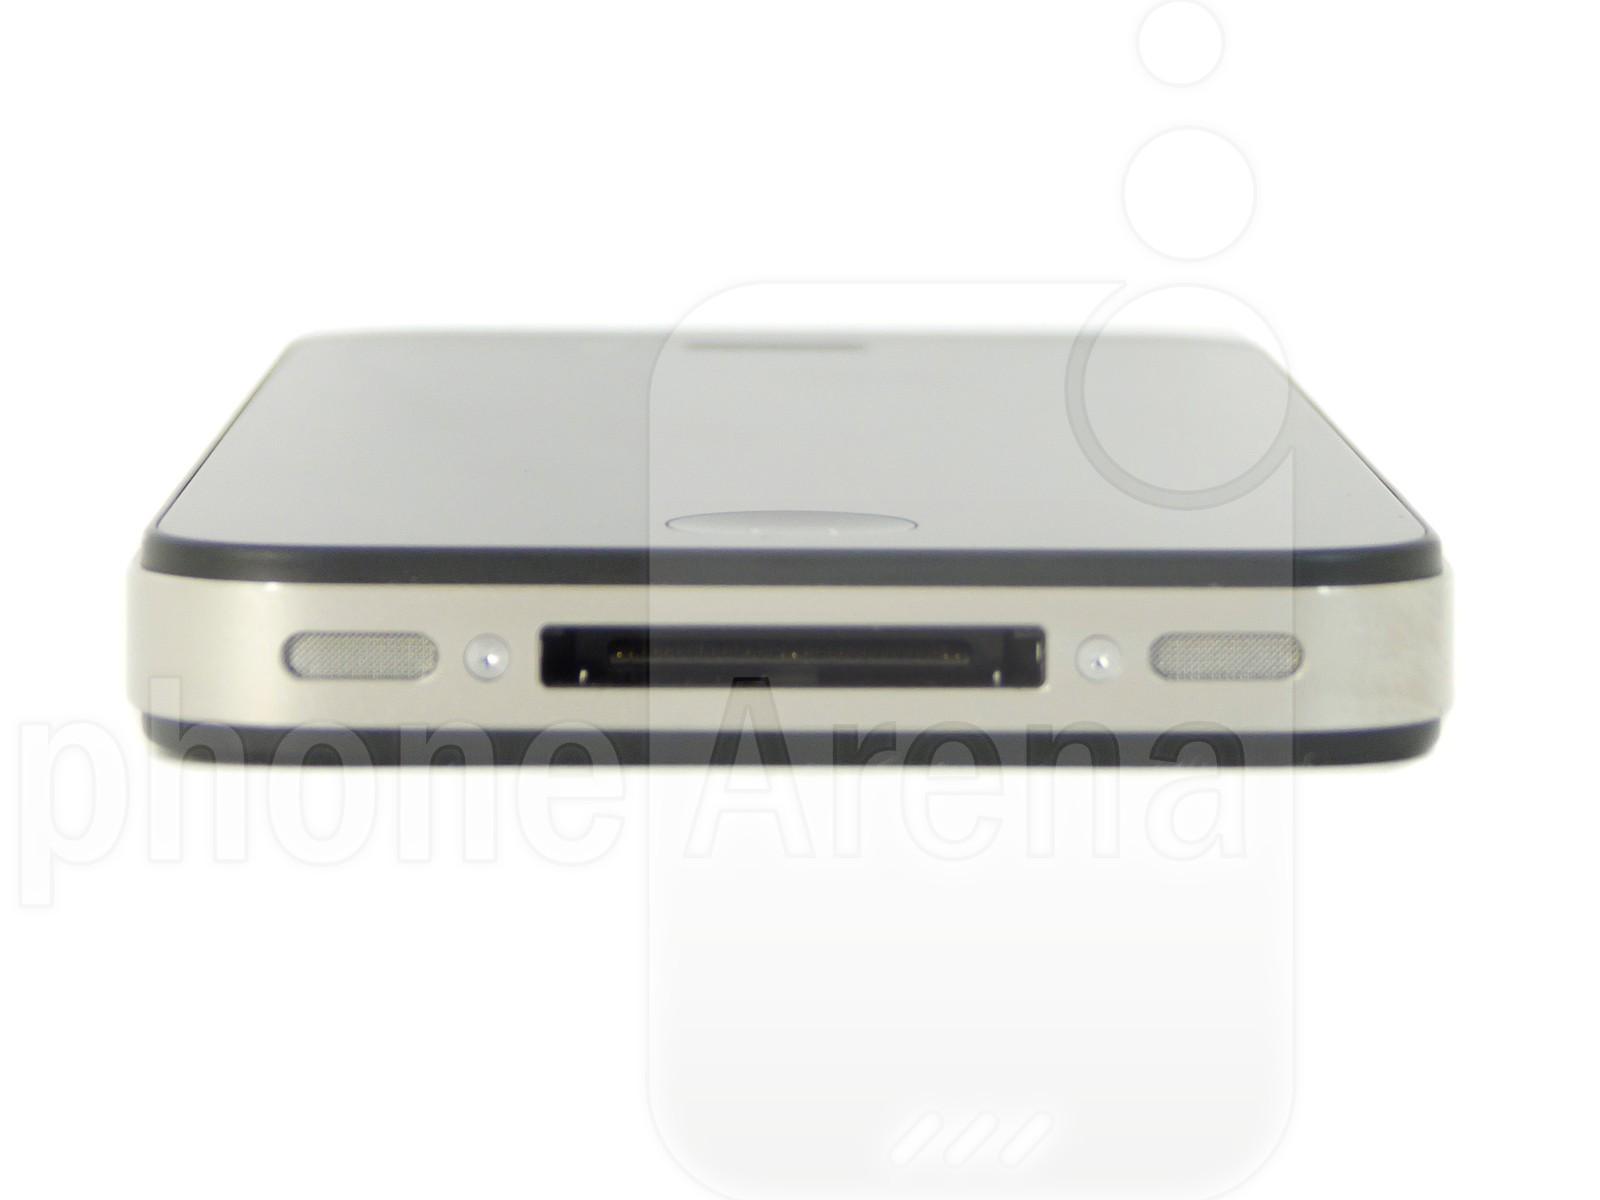 Apple iPhone 4s 9